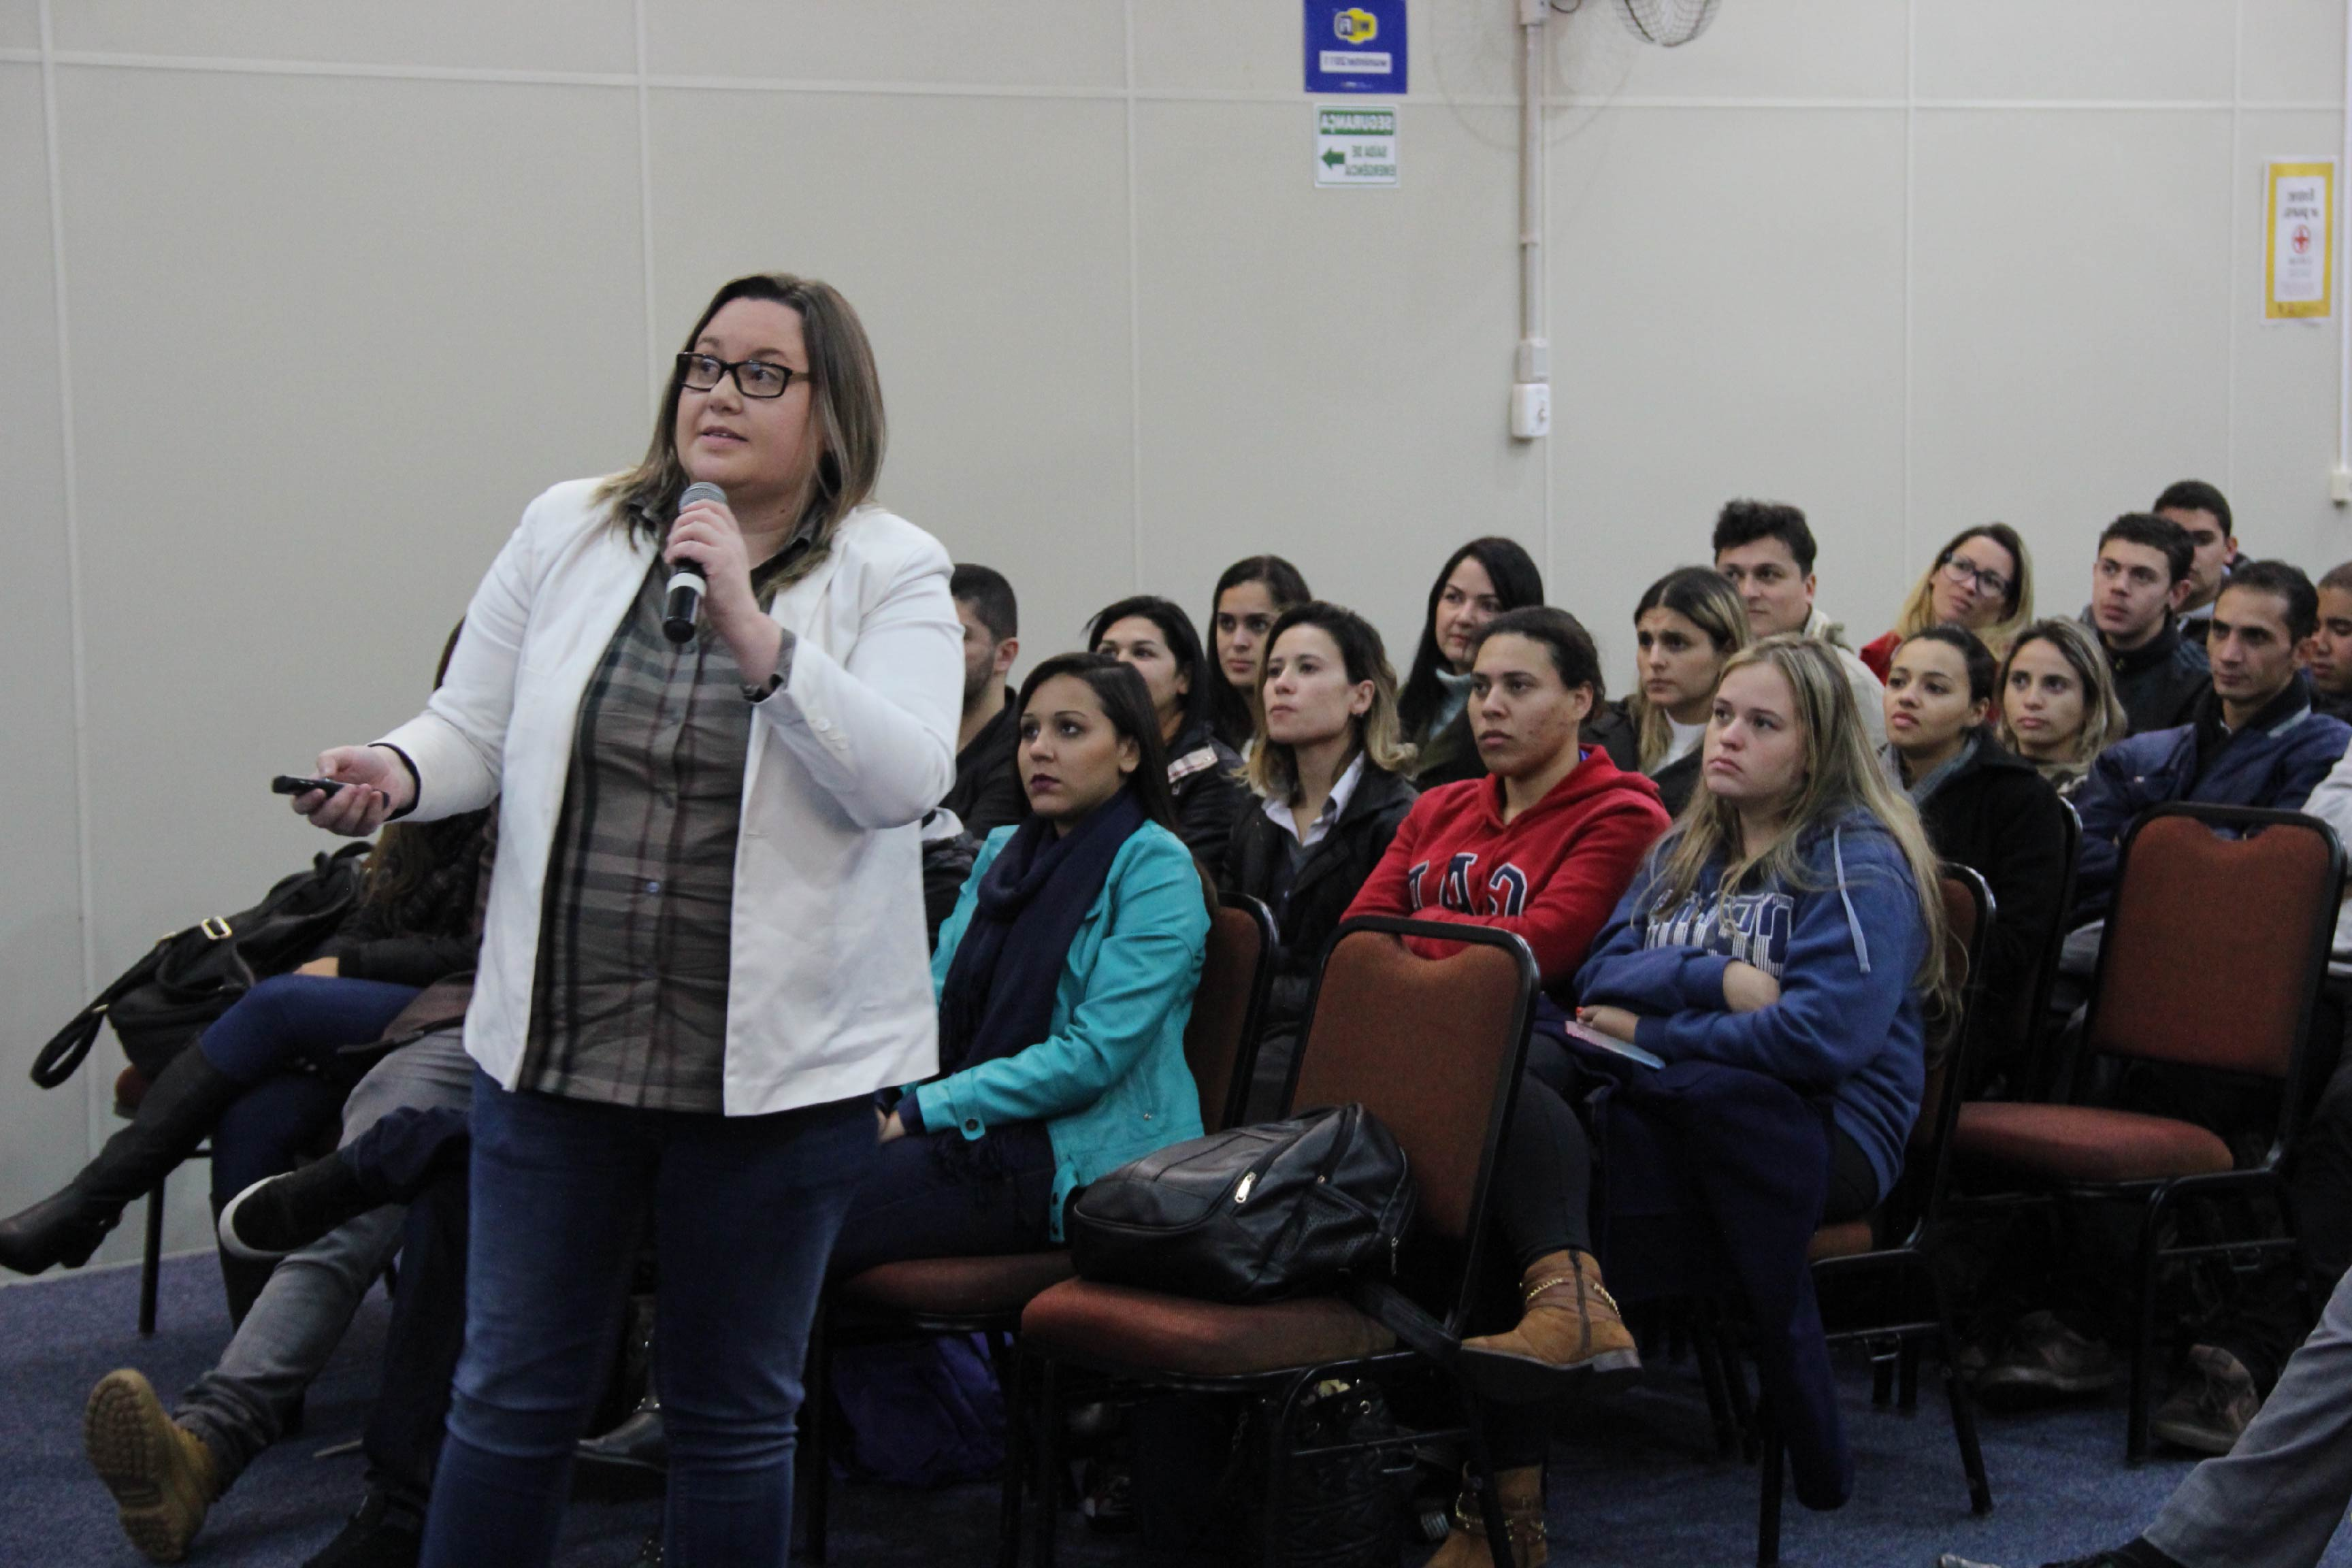 Palestra destaca presença feminina no mercado de trabalho